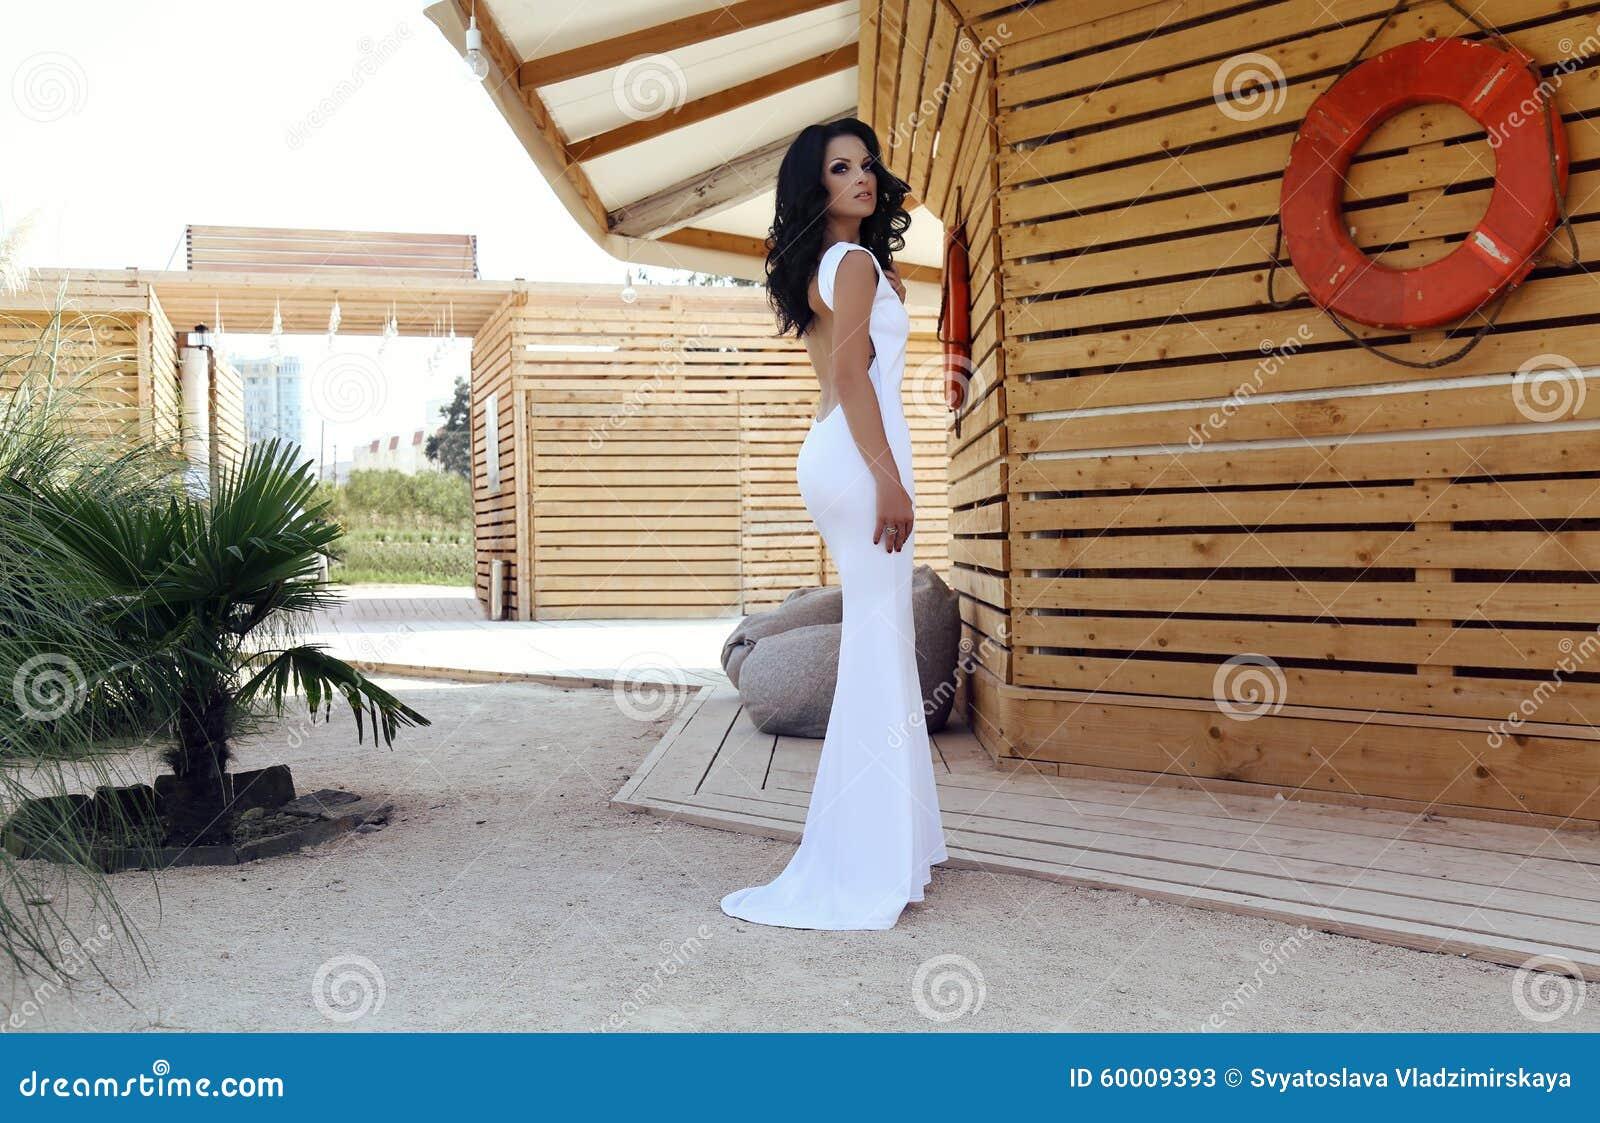 Vestidos blancos elegantes para dama